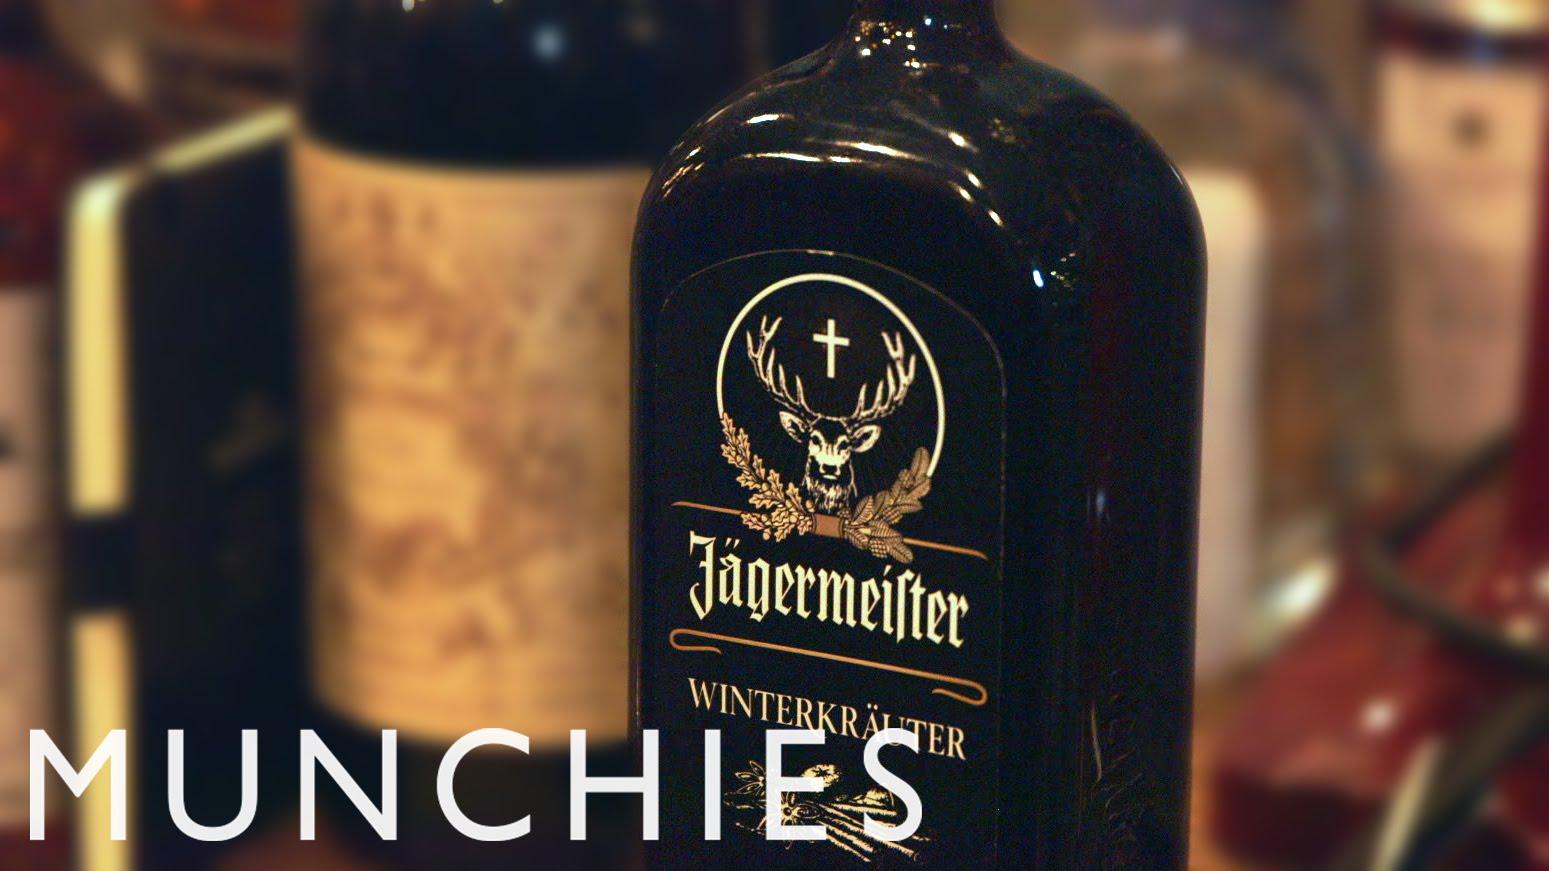 Images of Jägermeister | 1549x871